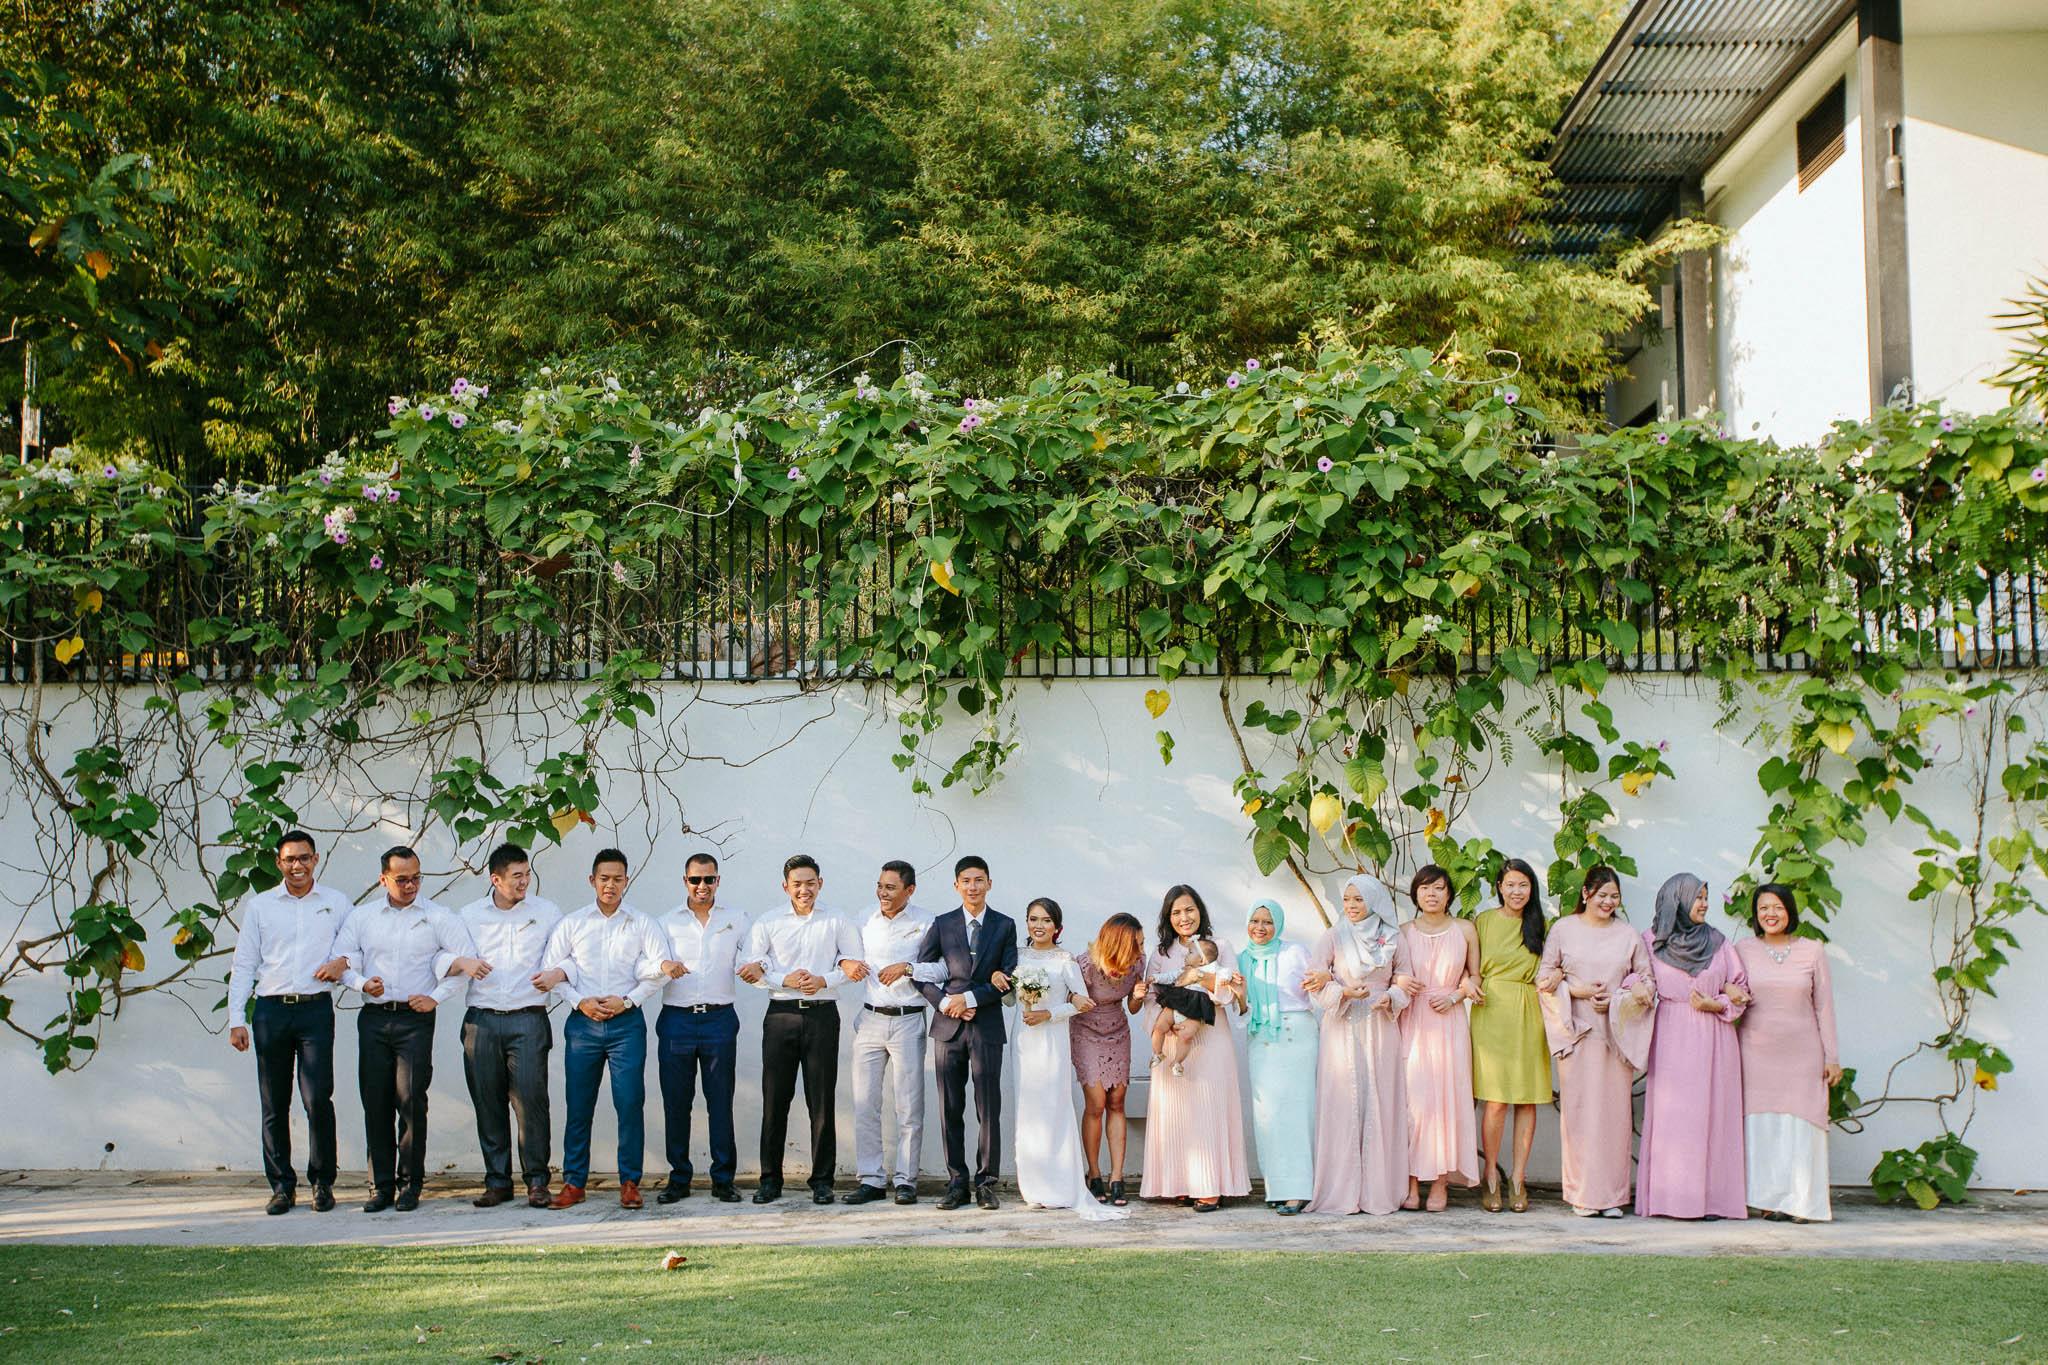 singapore-wedding-photographer-wemadethese-favourites-018.jpg